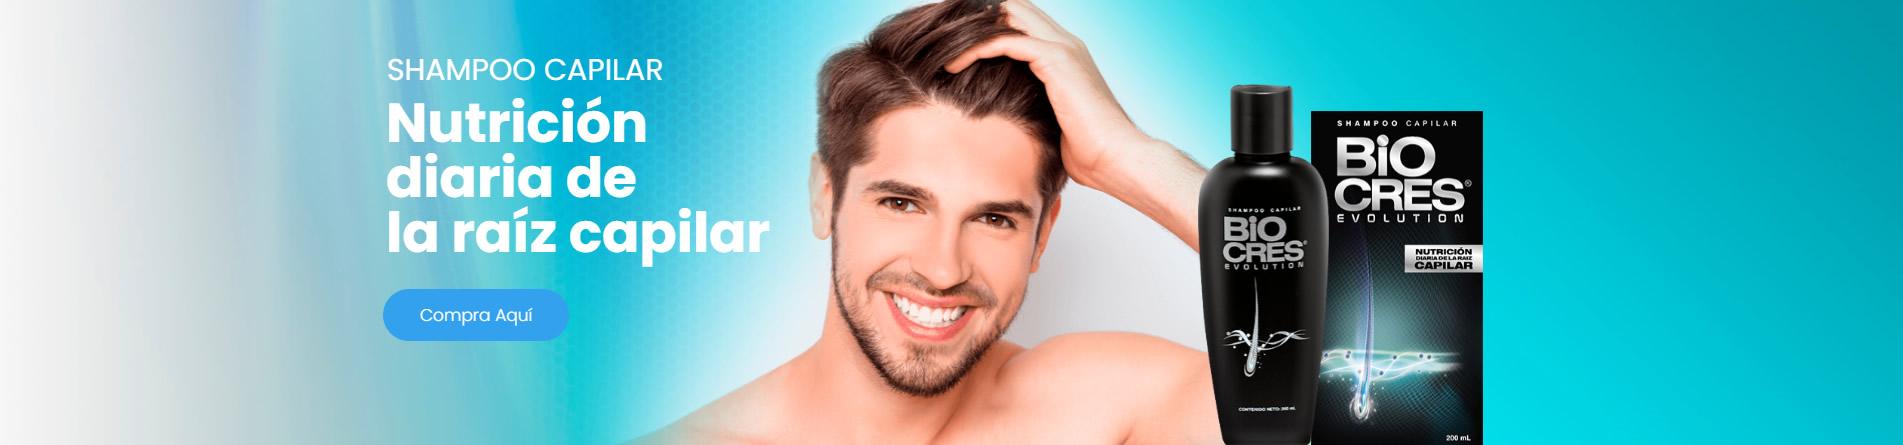 Biocres Shampoo Capilar